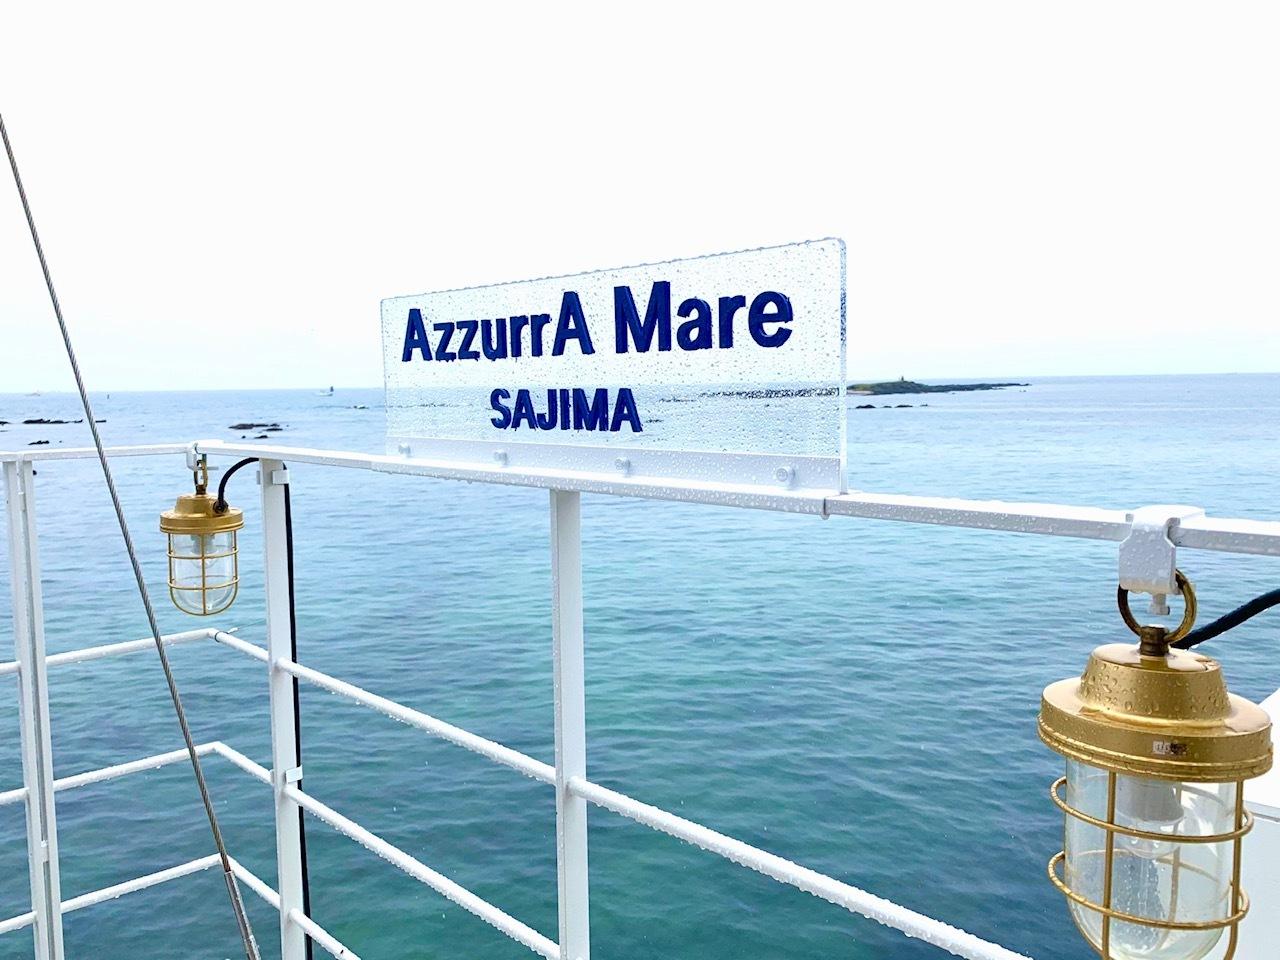 アズーラマーレ 佐島  AzzurrA Mare SAJIMA